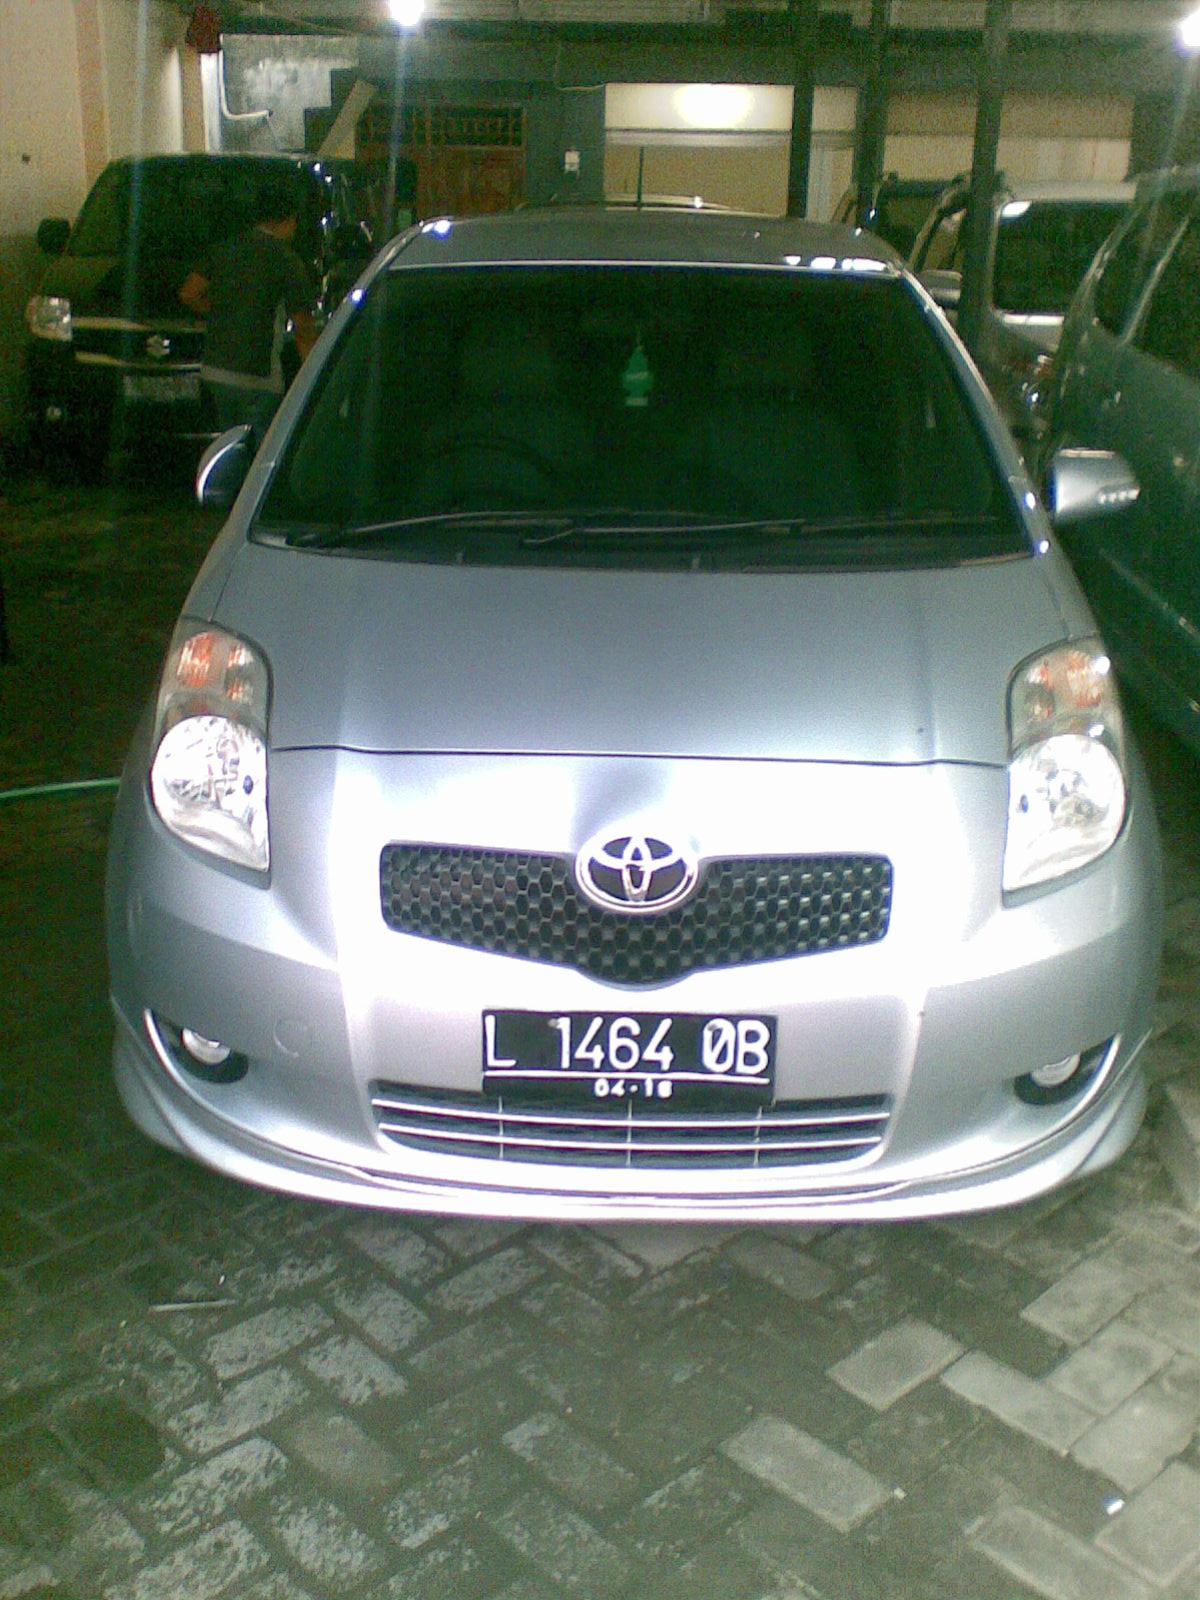 Toyota Yaris Trd Bekas Grand New Avanza Warna Putih Jual Beli Kredit Mobil Murah